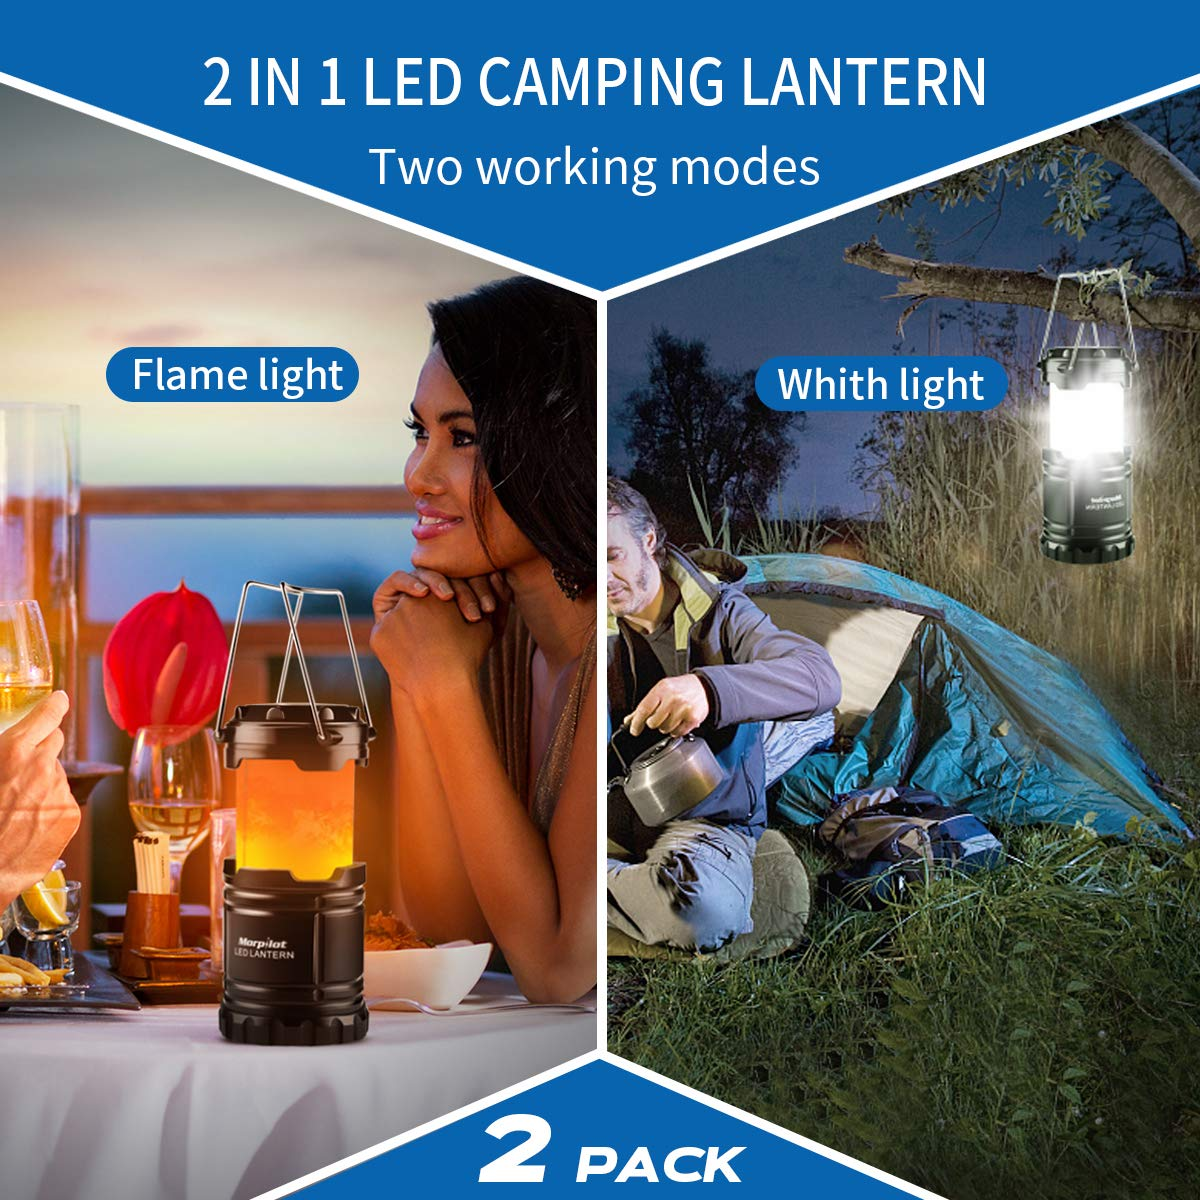 Morpilot Lampada Campeggio LED [ 2 Pezzi ] Pieghevole 2 Modalità Lampada da Comodino Impermeabile e Portatile Luce Emergenza per Escursione, Pesca, Campeggio e Emergenze(AA Batterie Incluse)